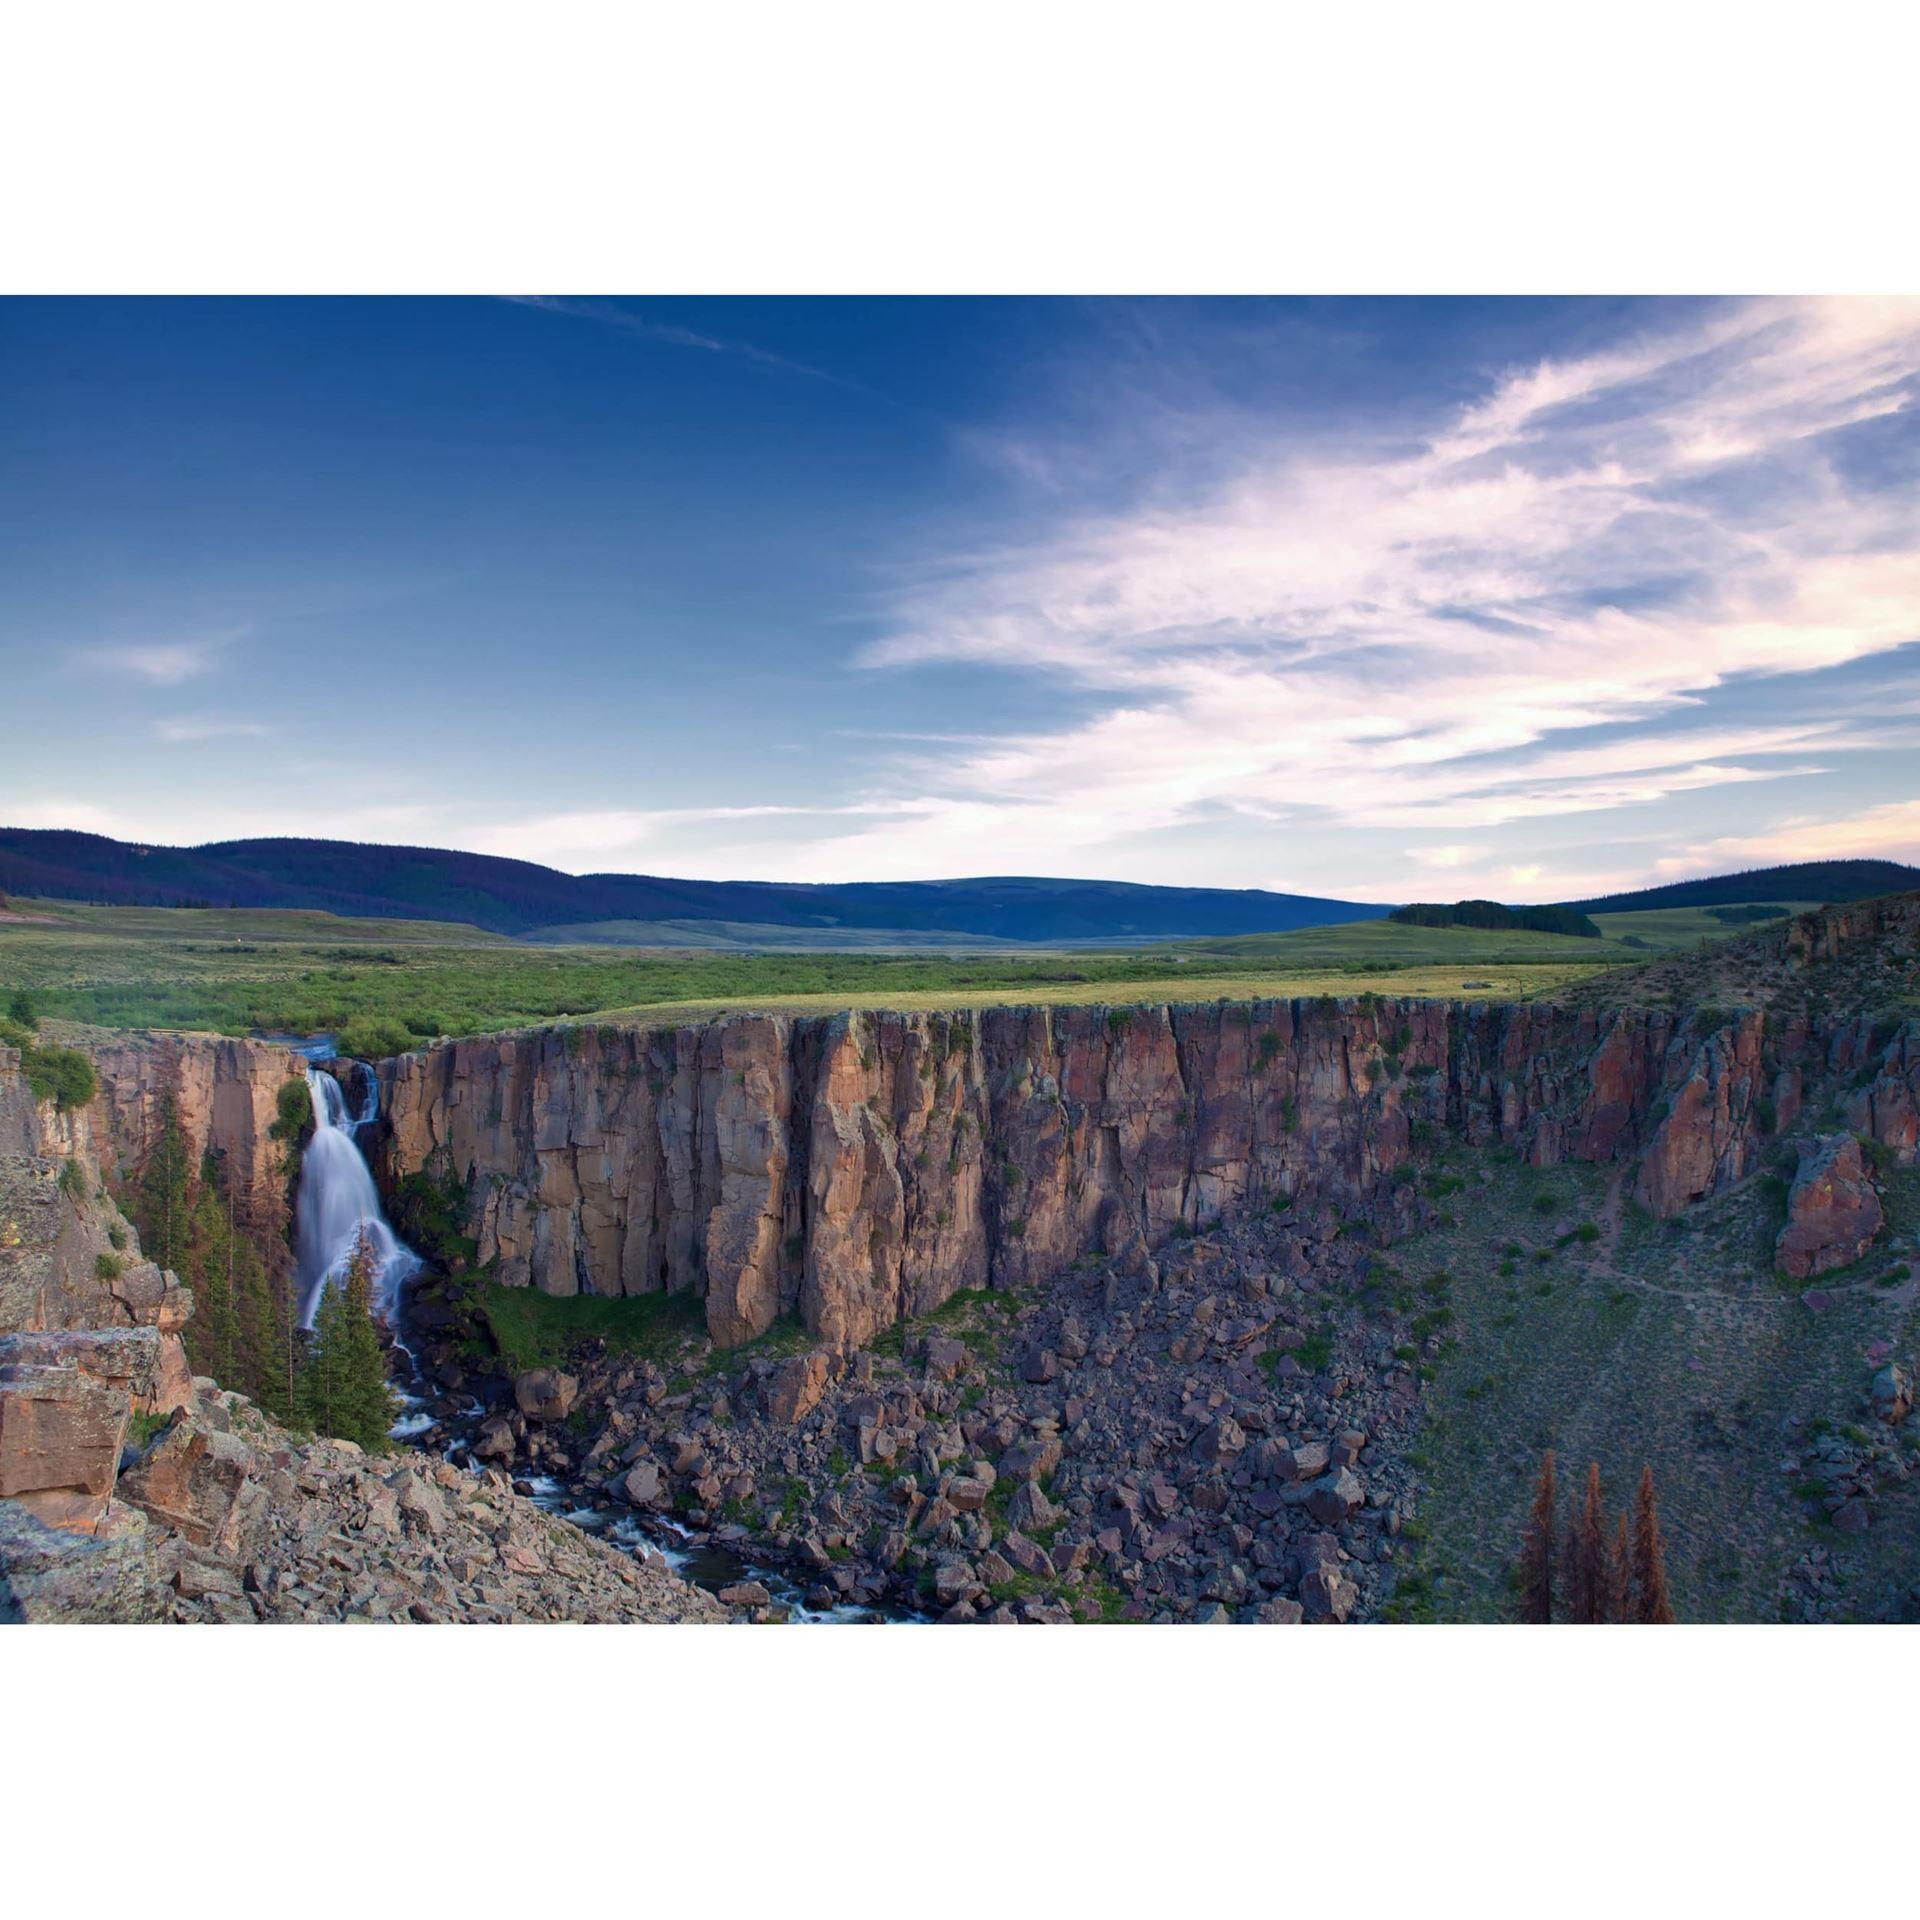 North Clear Creek Falls 36x24